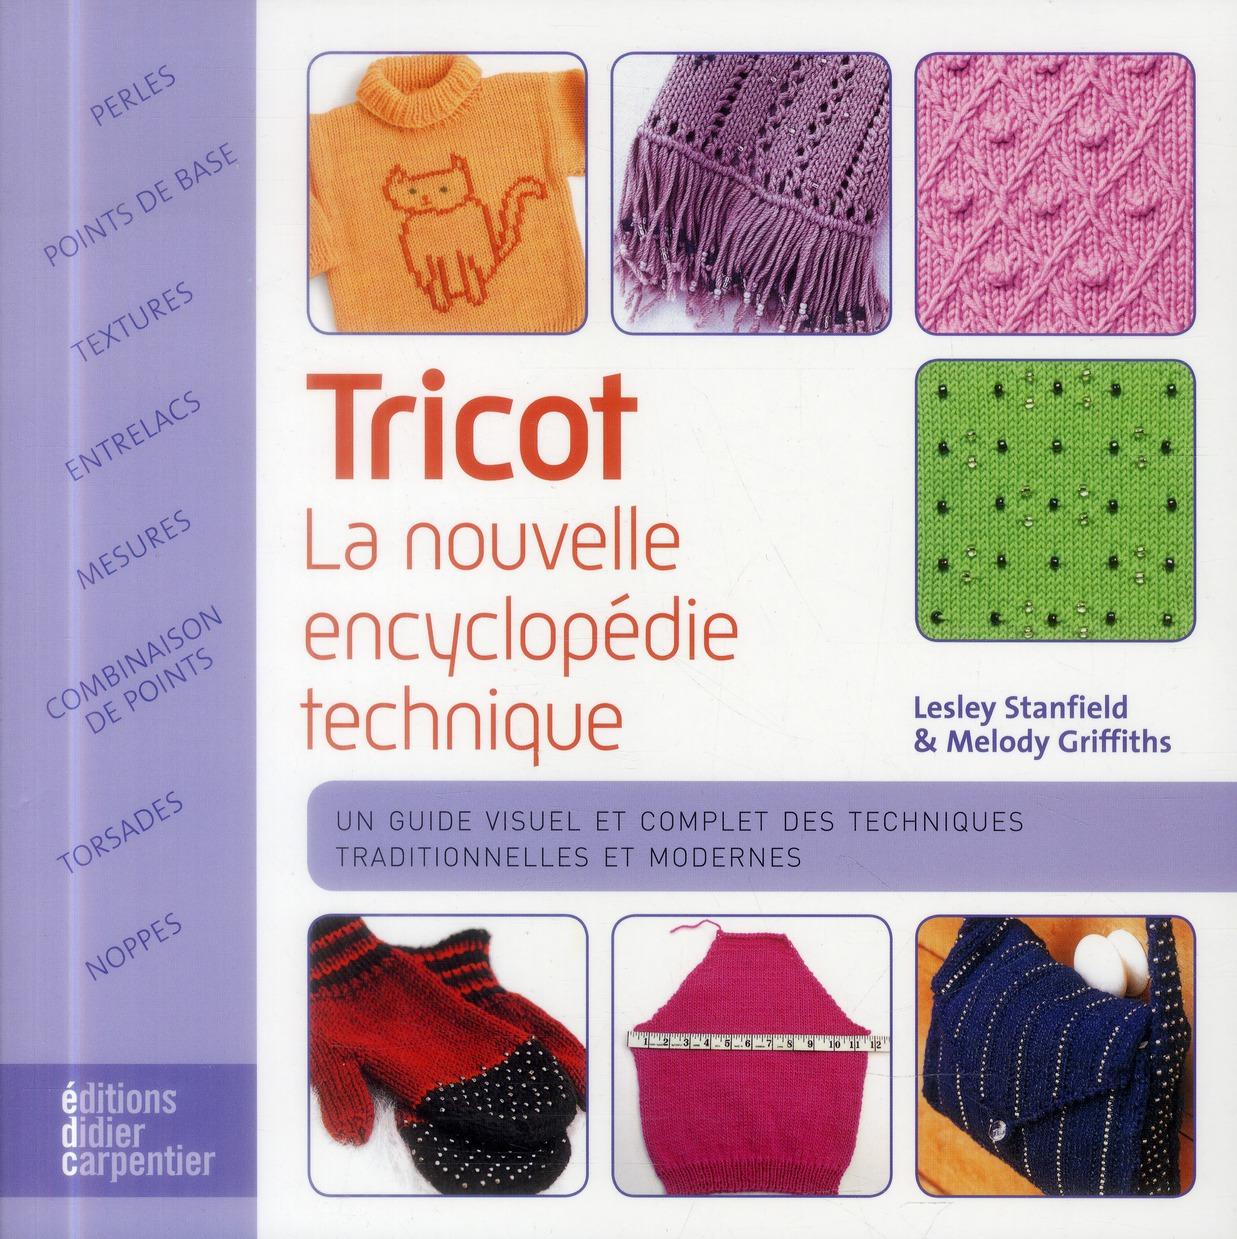 TRICOT, LA NOUVELLE ENCYCLOPEDIE TECHNIQUE